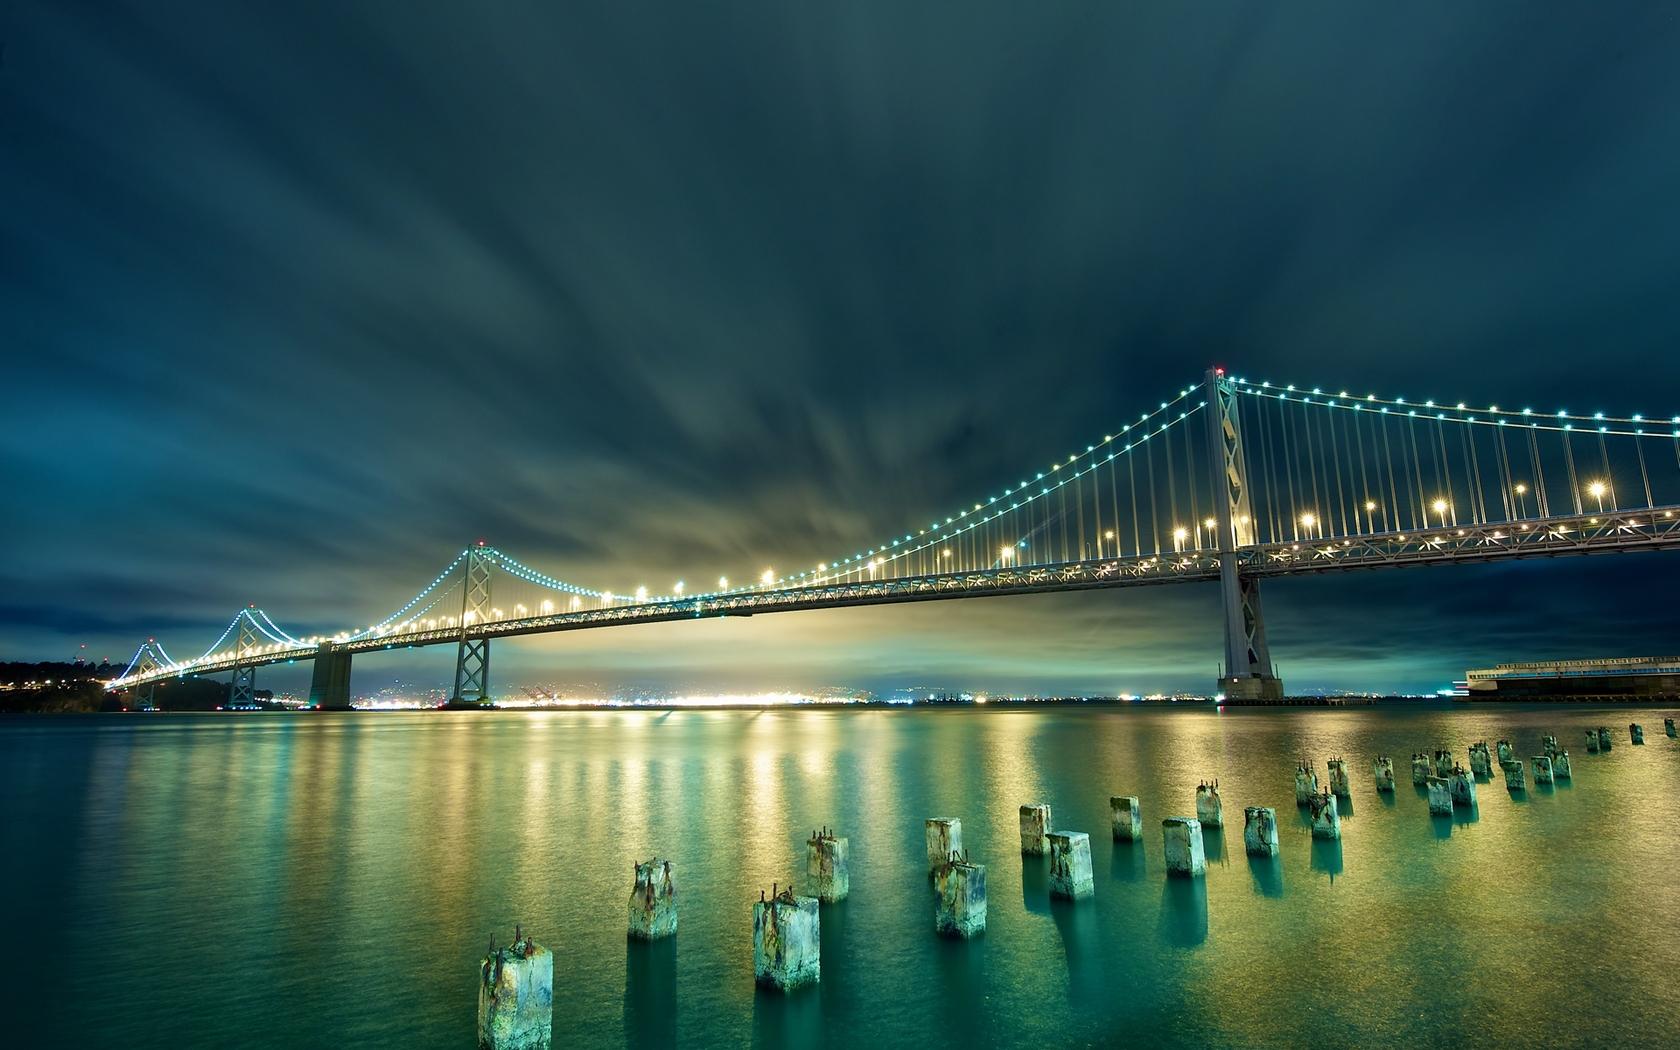 начала картинки на телефон мосты можете попросить автора